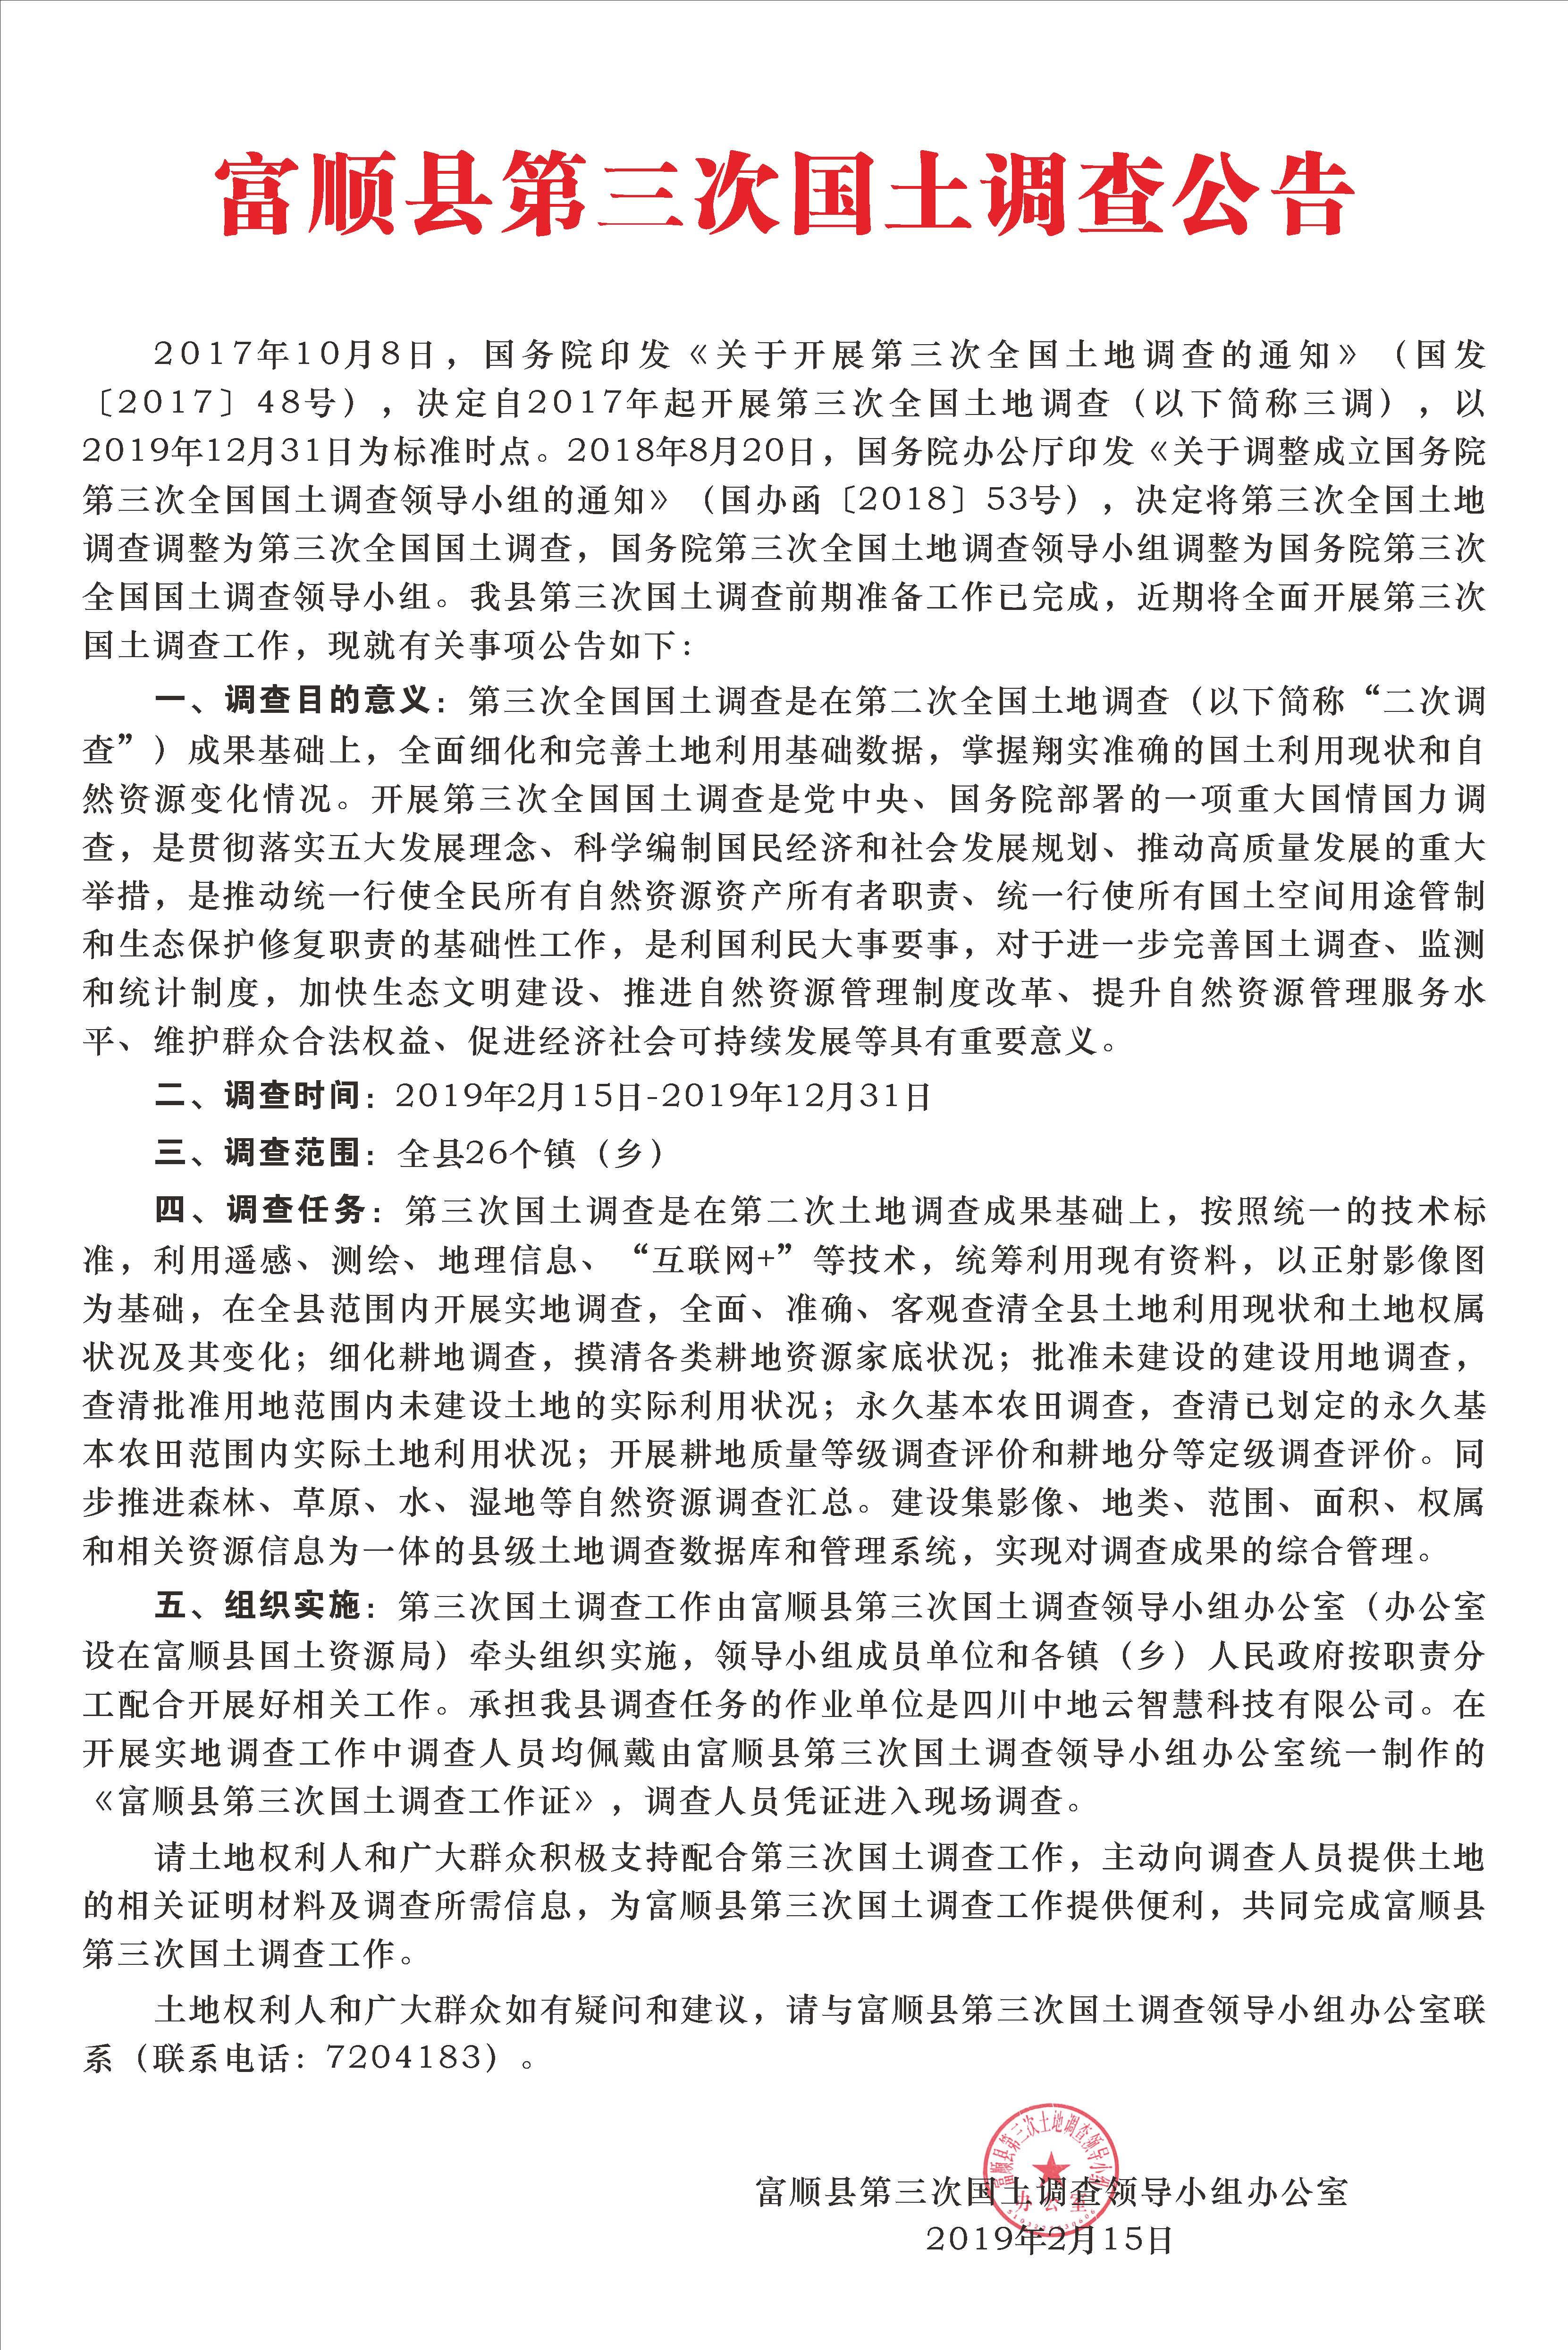 澳门威尼斯人游戏官网县第三次国土调查公告